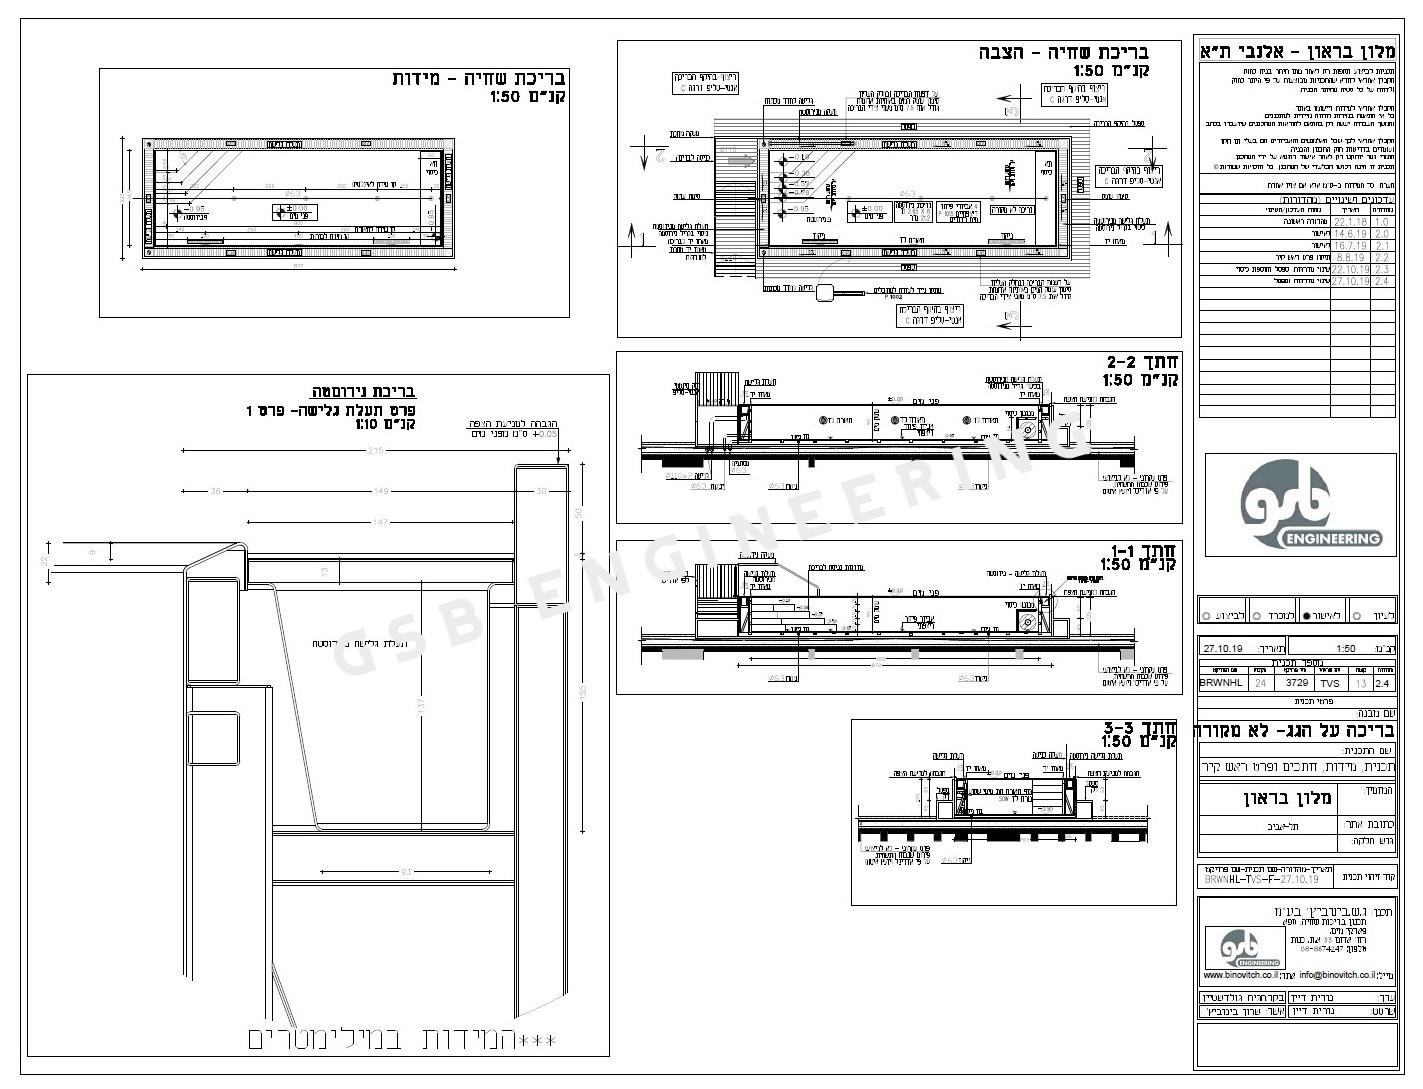 תכנון בריכת שחייה מנירוסטה - מלון בראון